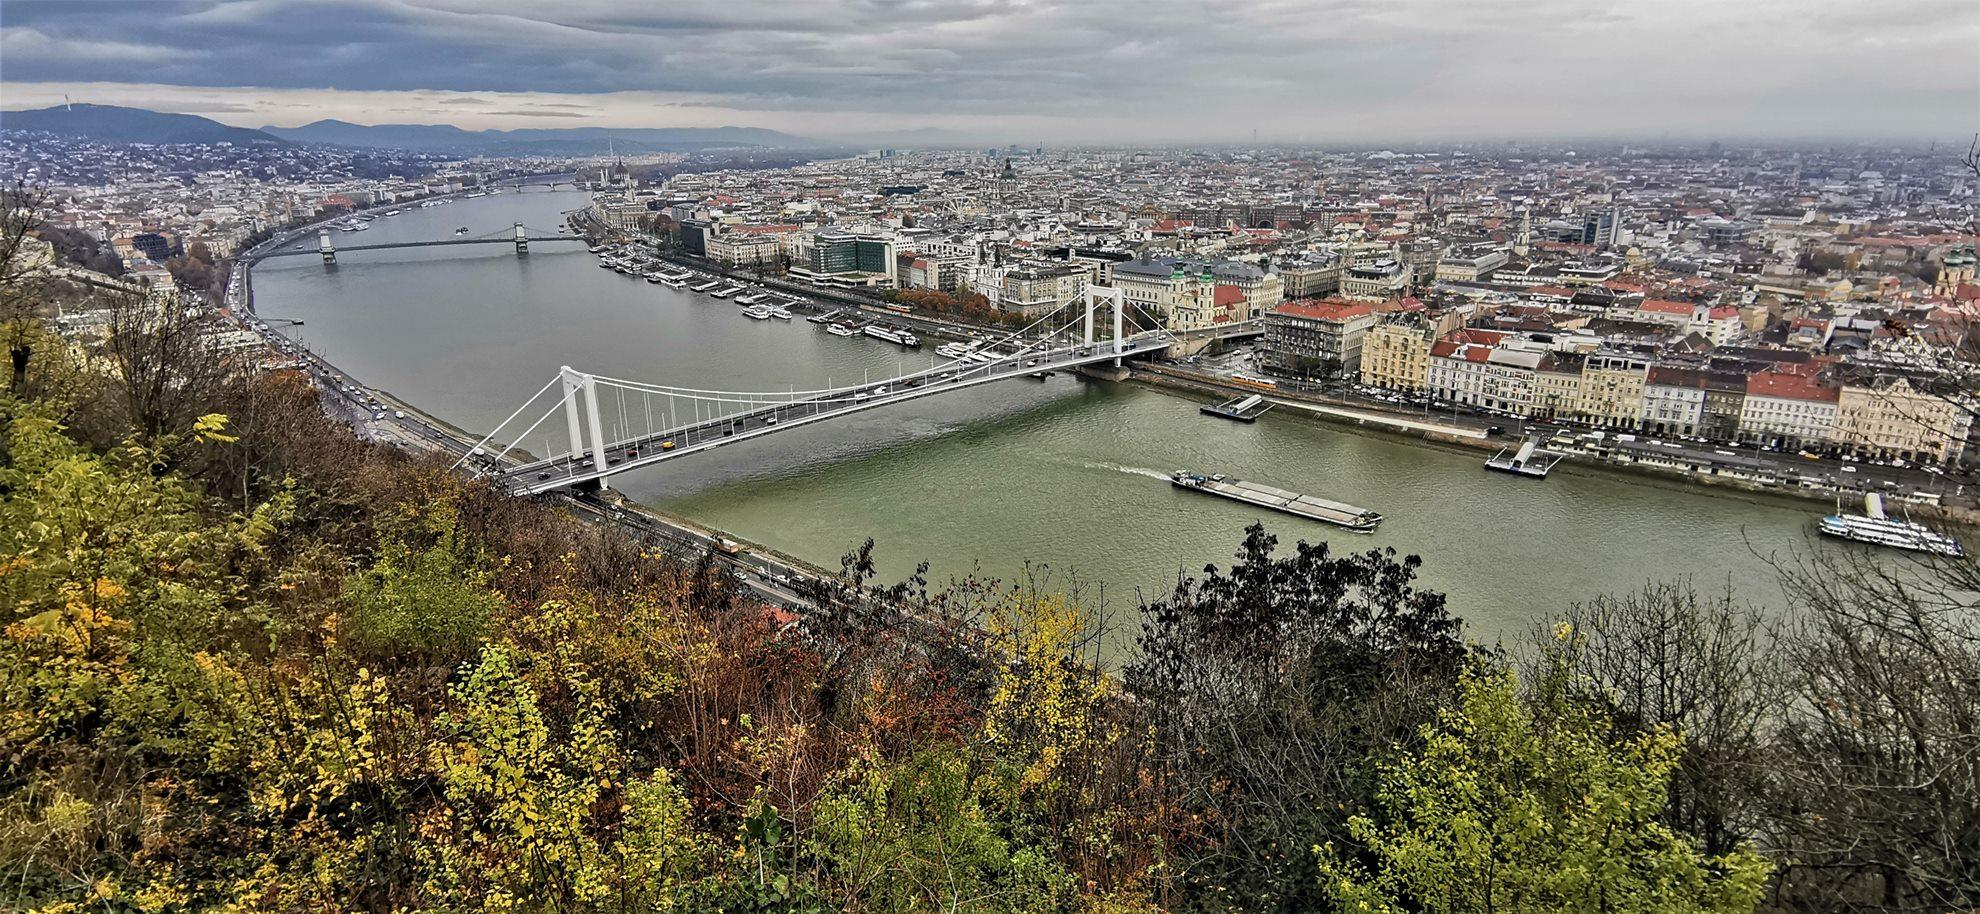 Kilátás a citadelláról / ©Nyáry Tamás (Mozgásvilág)